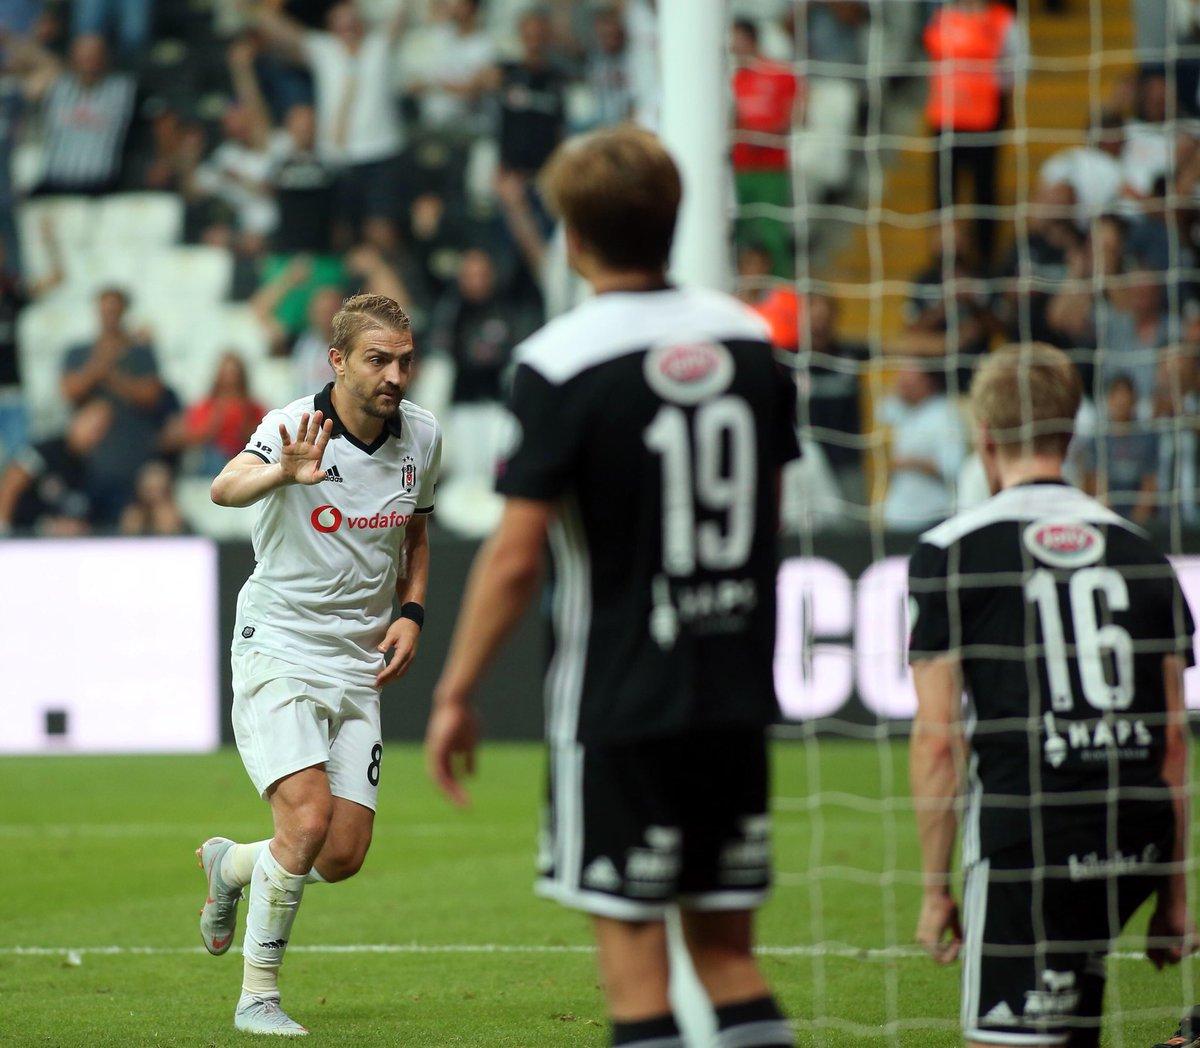 Beşiktaş, Ağustos'u yoğun geçirecek! İşte program...